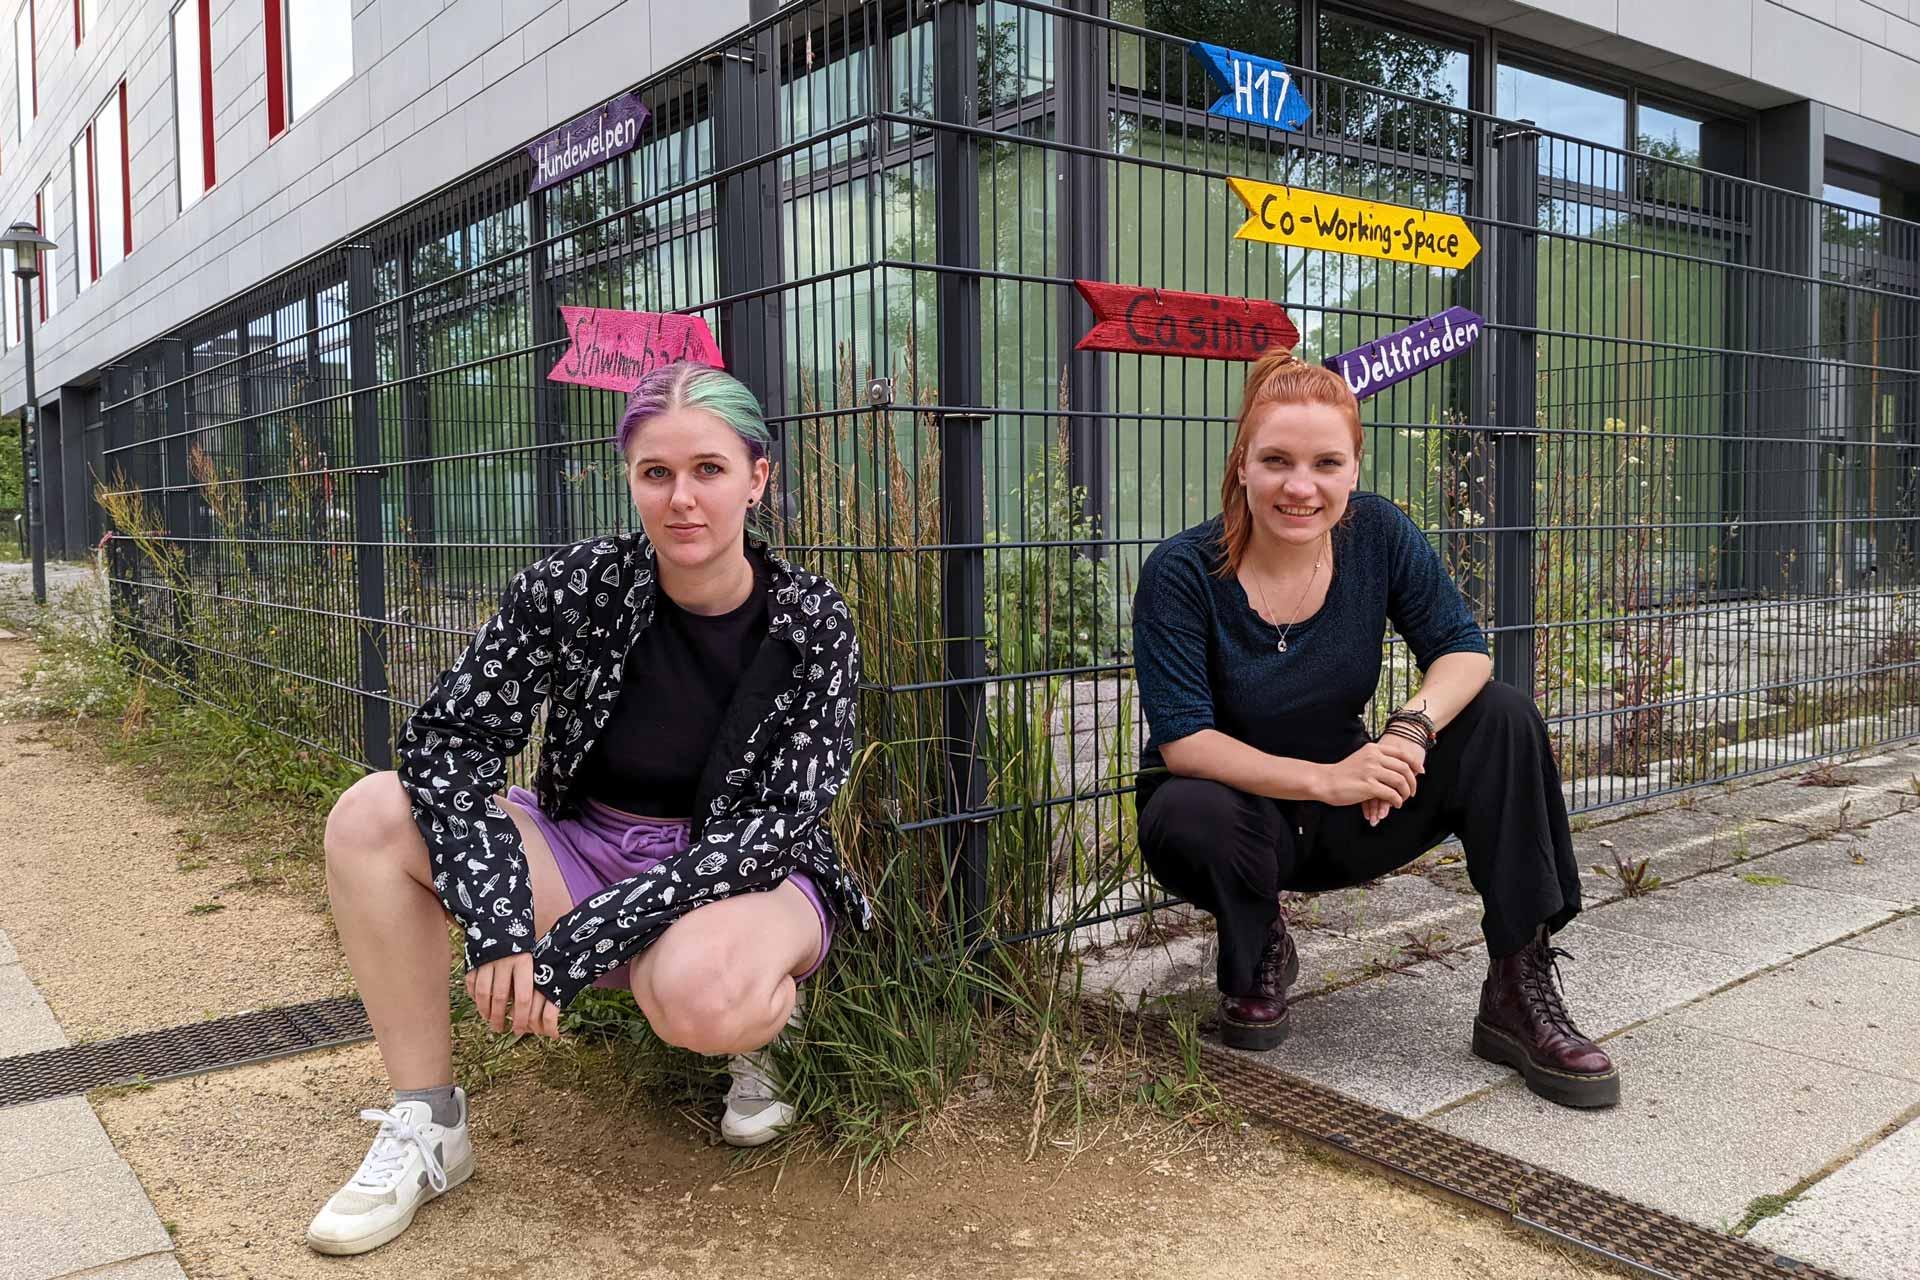 Elena und Elisa stehen draußen vor einem Gitter, an dem bunte Schilder angebracht sind.